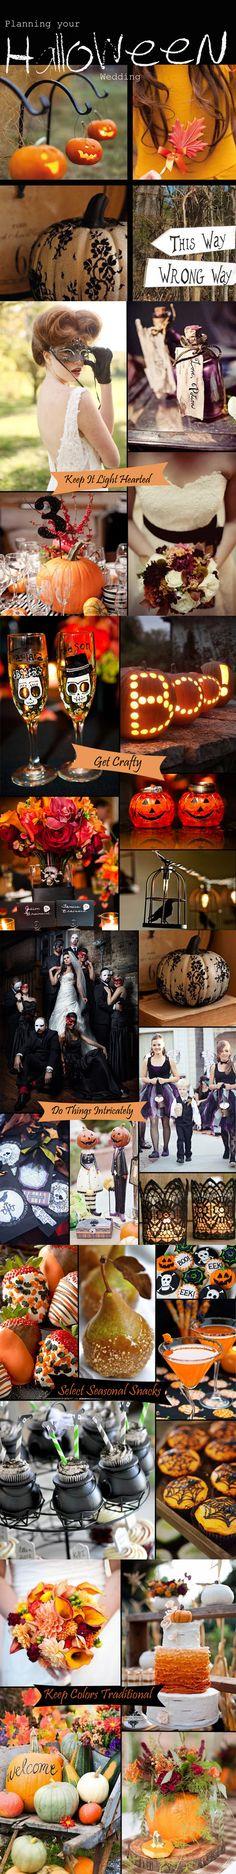 Halloween wedding ideas~ #Halloween #wedding